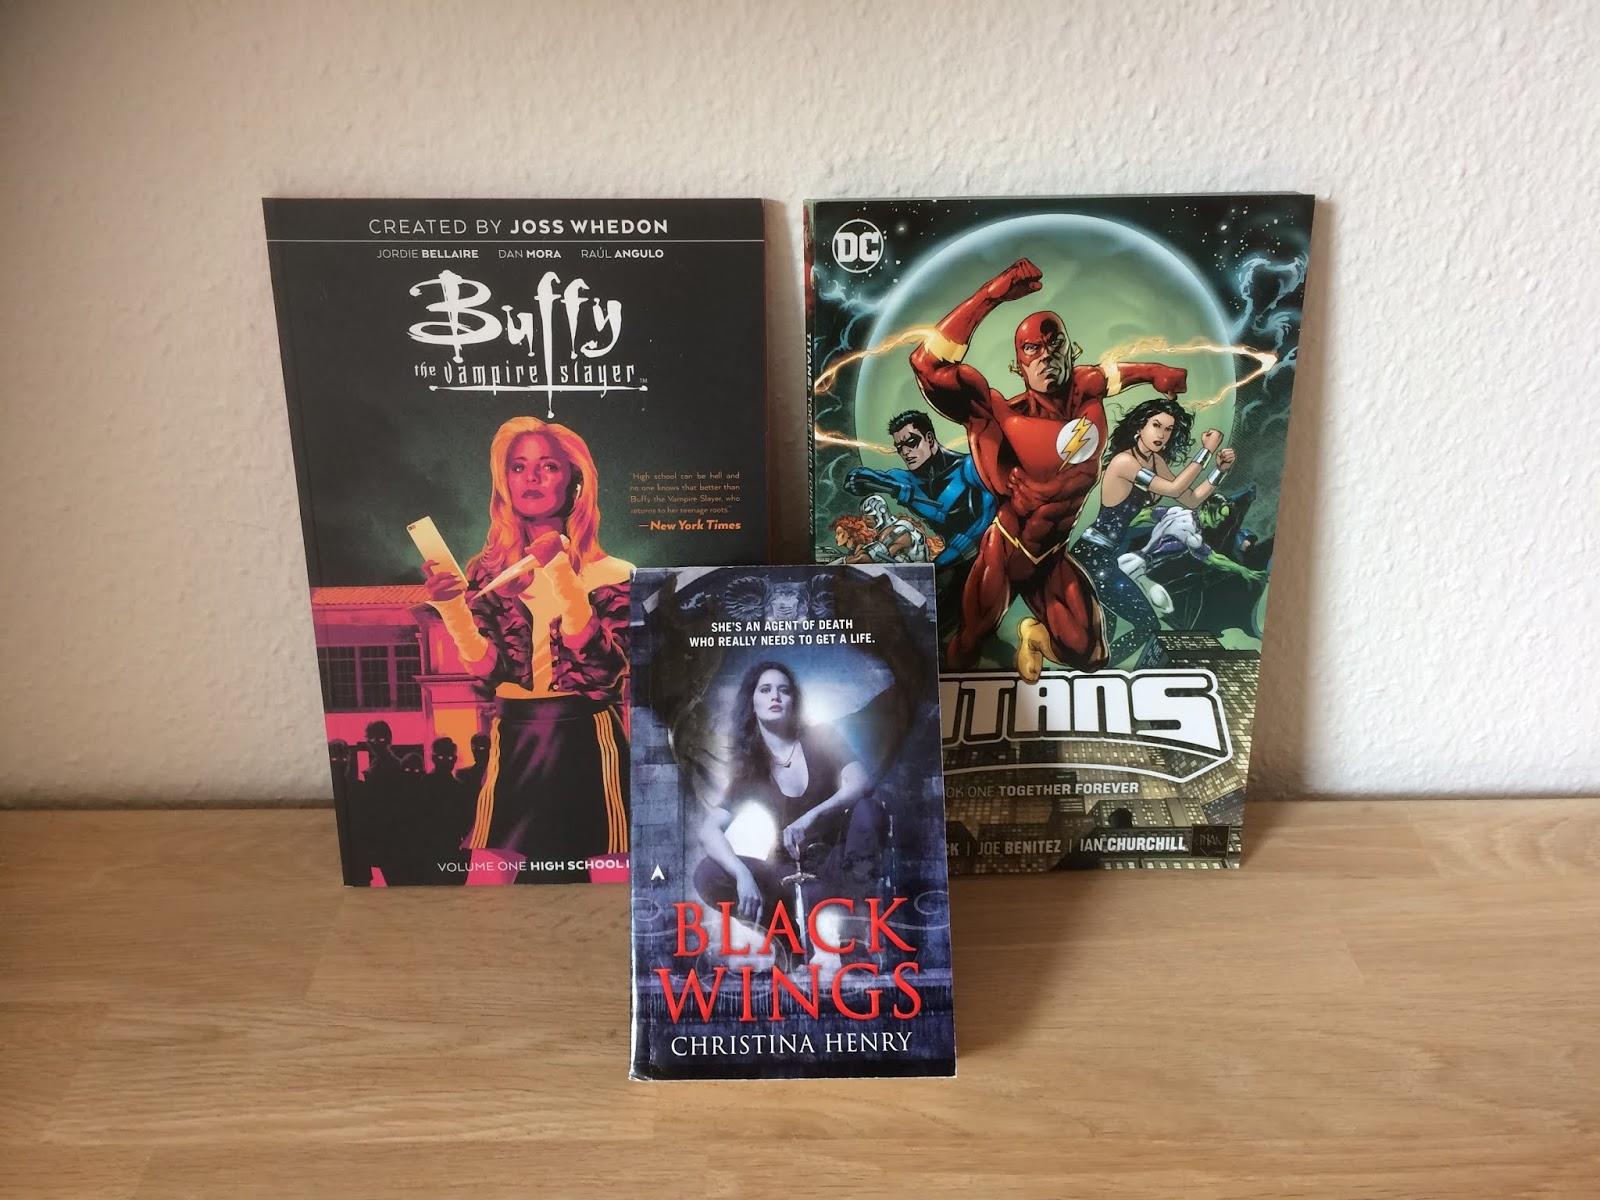 dc07ec707d4 Og sidst, men bestemt ikke mindst, købte jeg 1 enkelt bog og 2 graphic  novels hos Fantask. Bogen er: